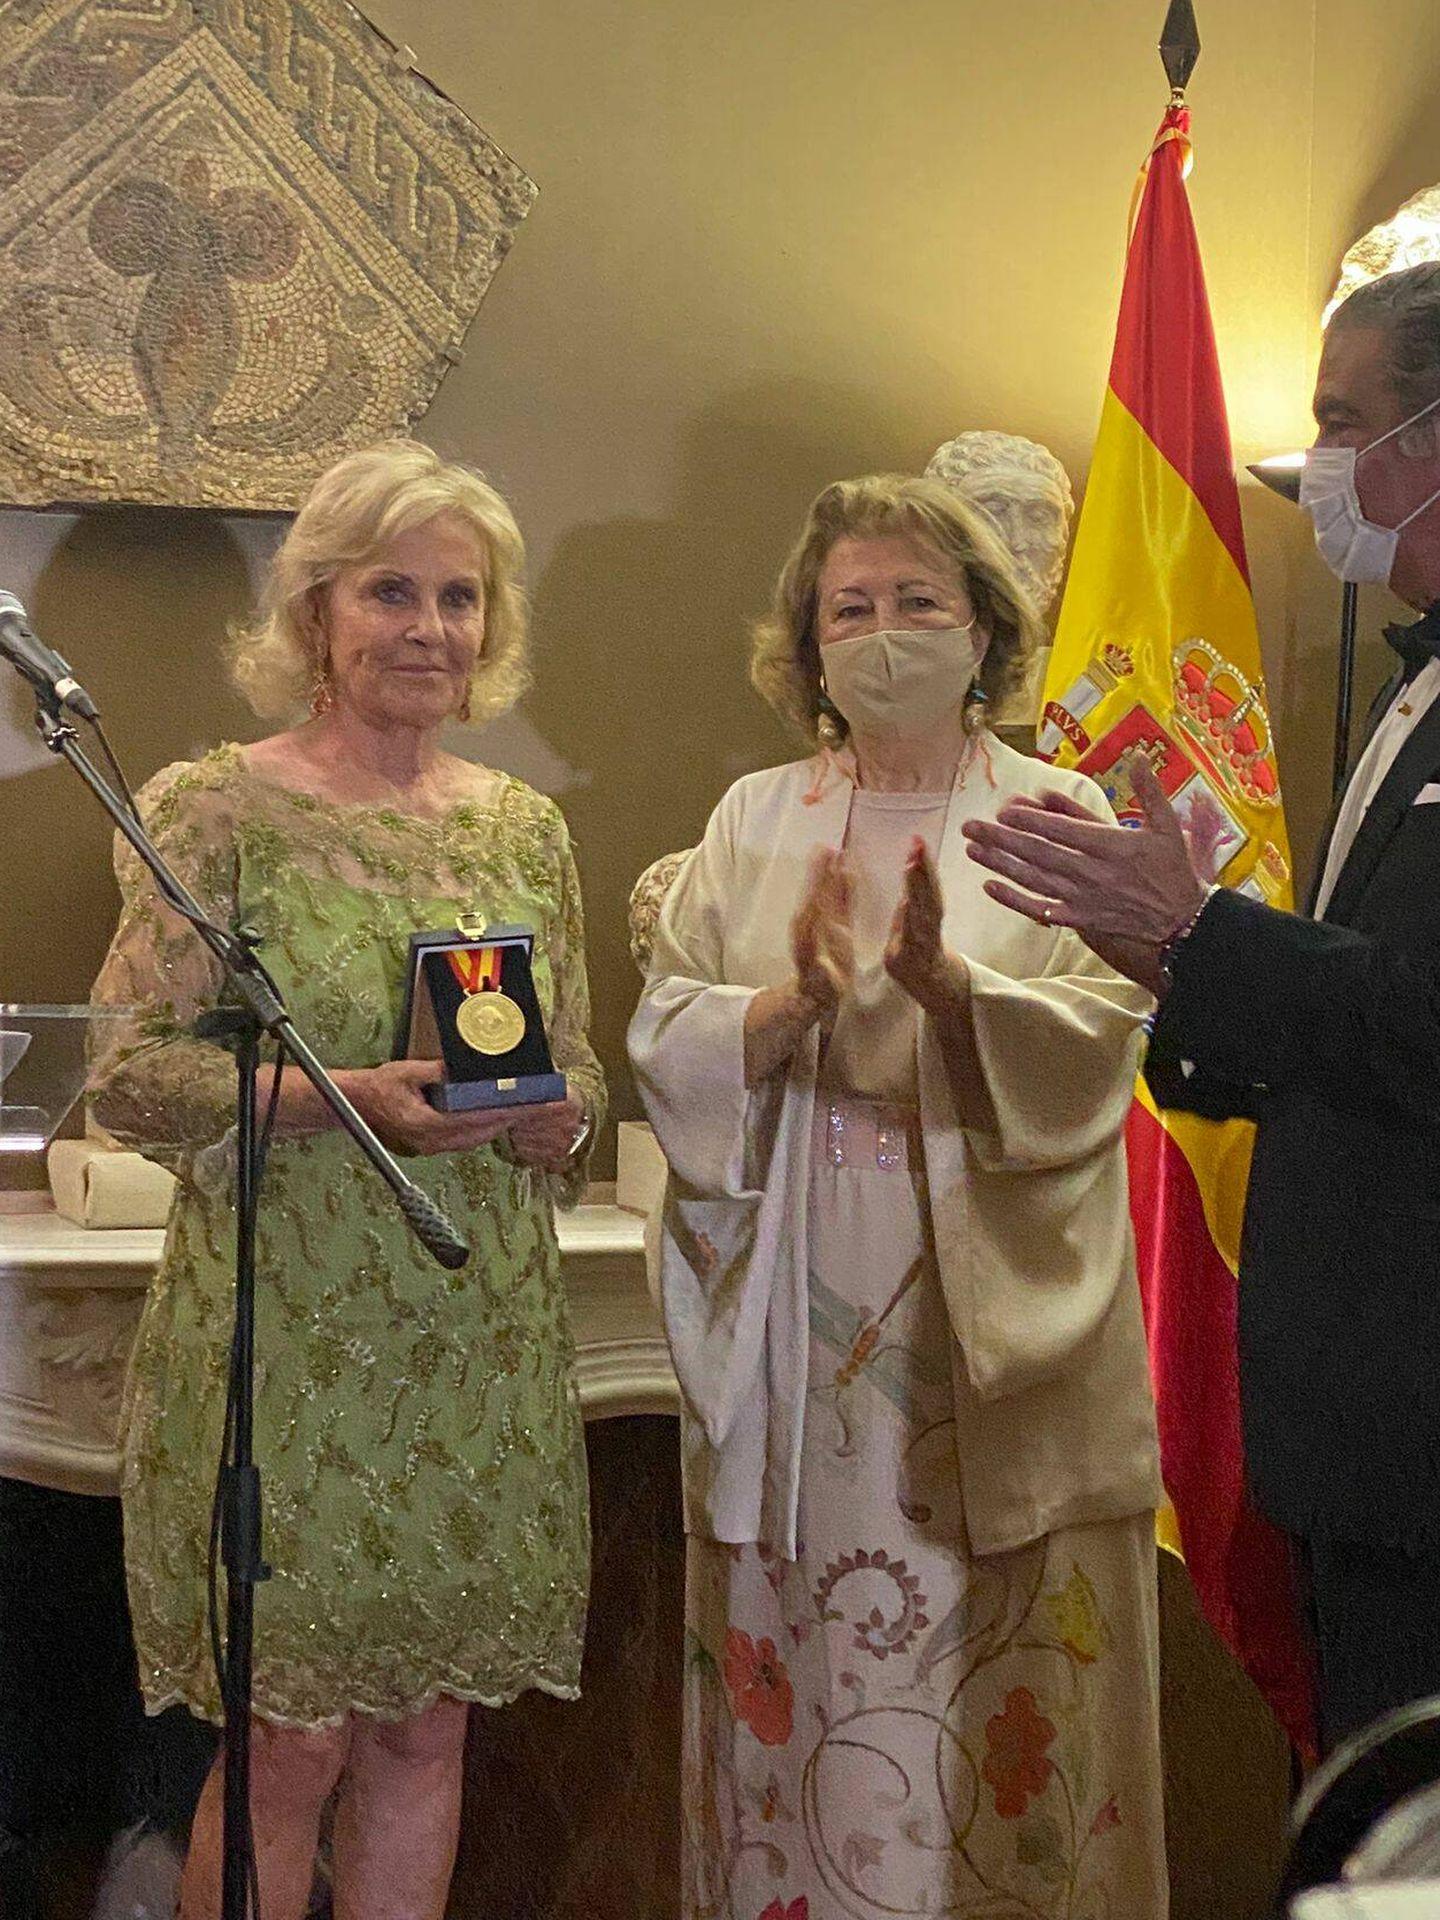 Paloma Barrientos, recogiendo su galardón. (Foto: Cortesía)